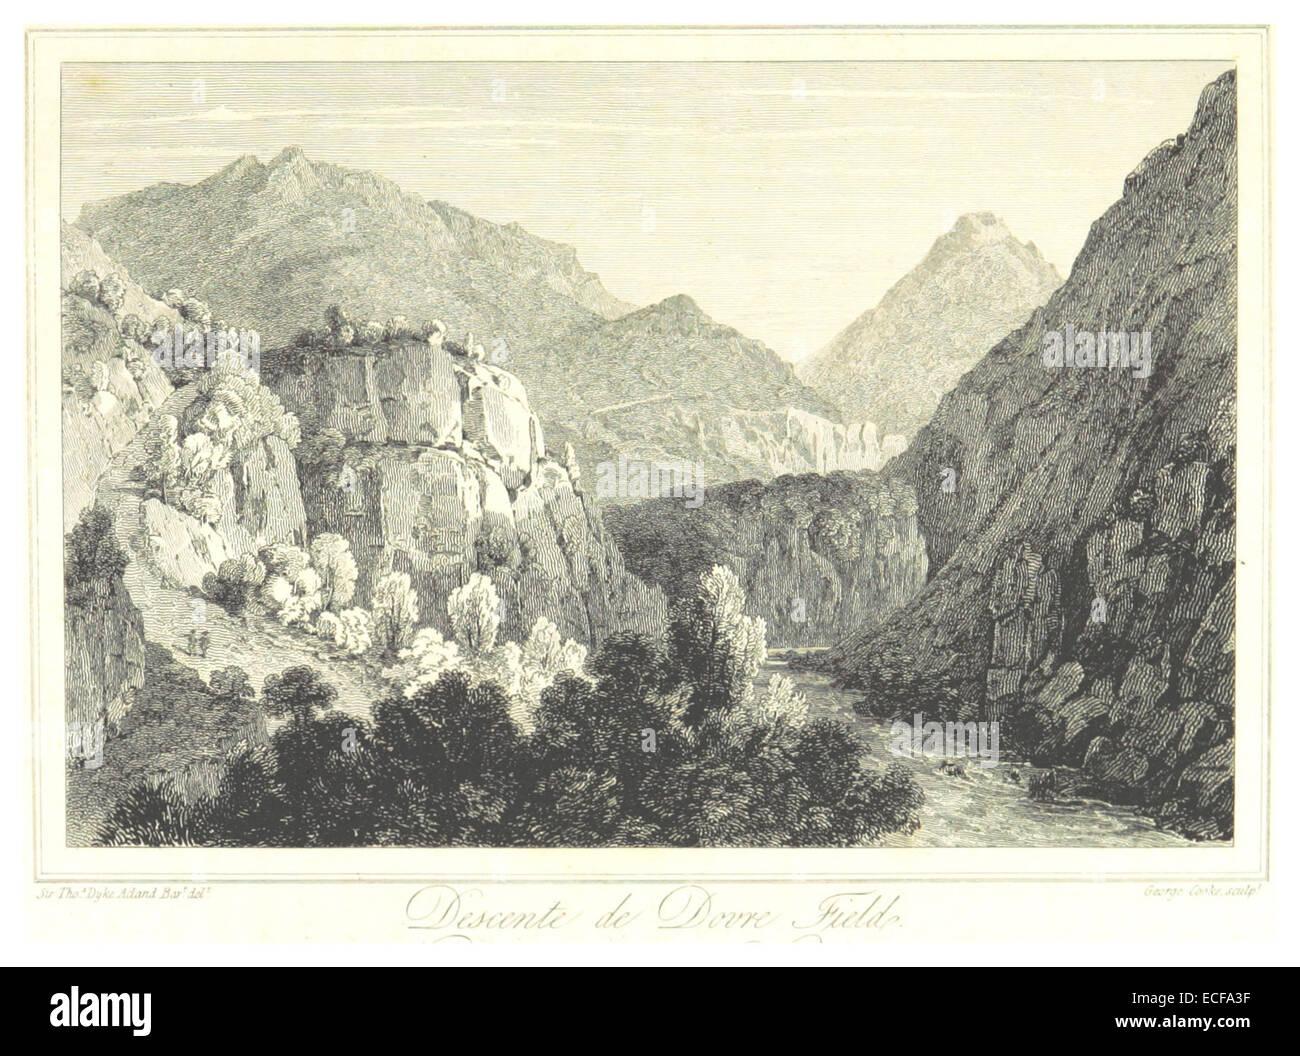 LAMOTTE(1813) p105 DOVRE FJELD - Stock Image